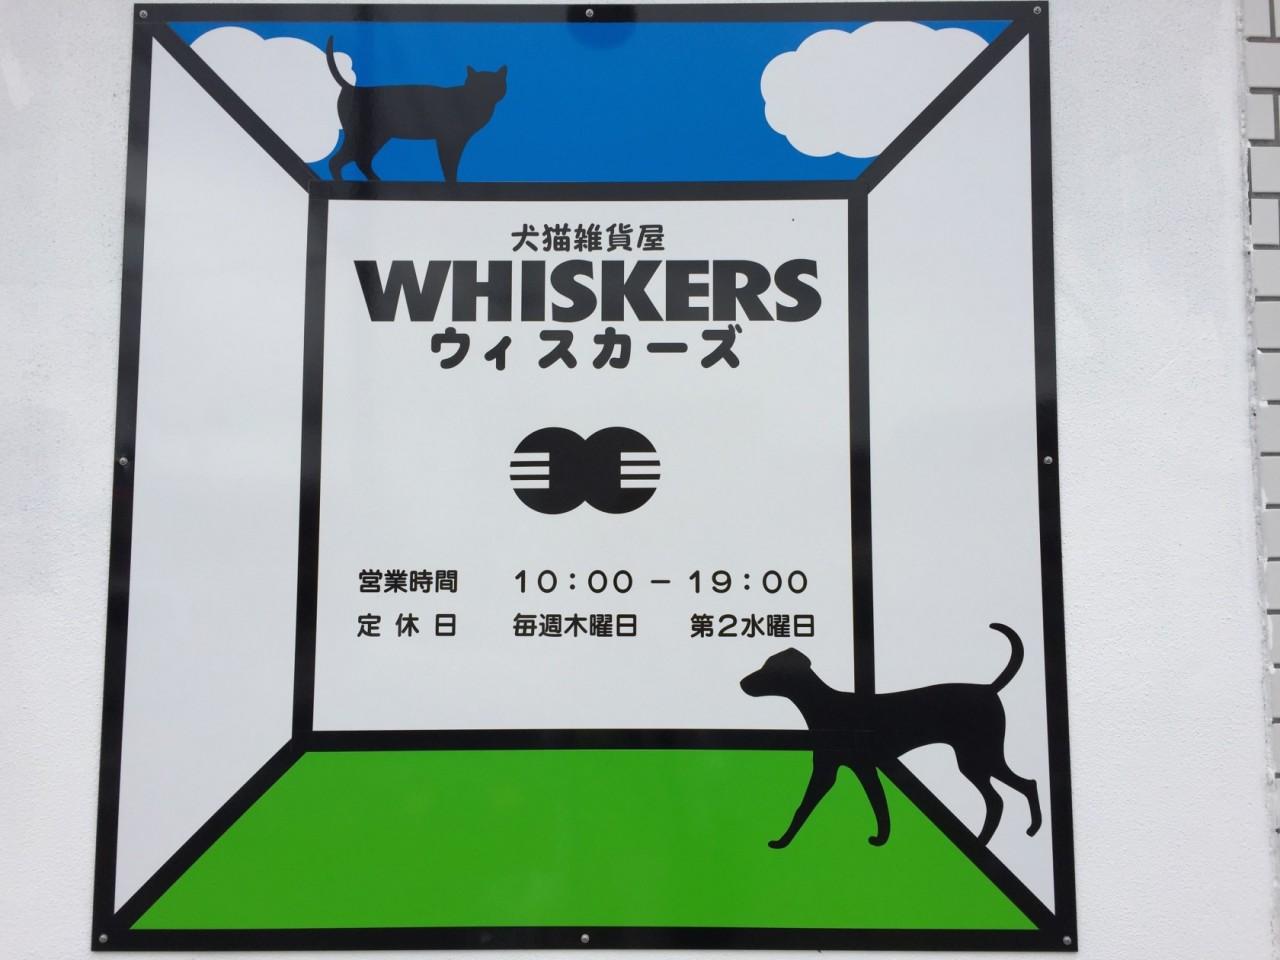 ウィスカーズの看板